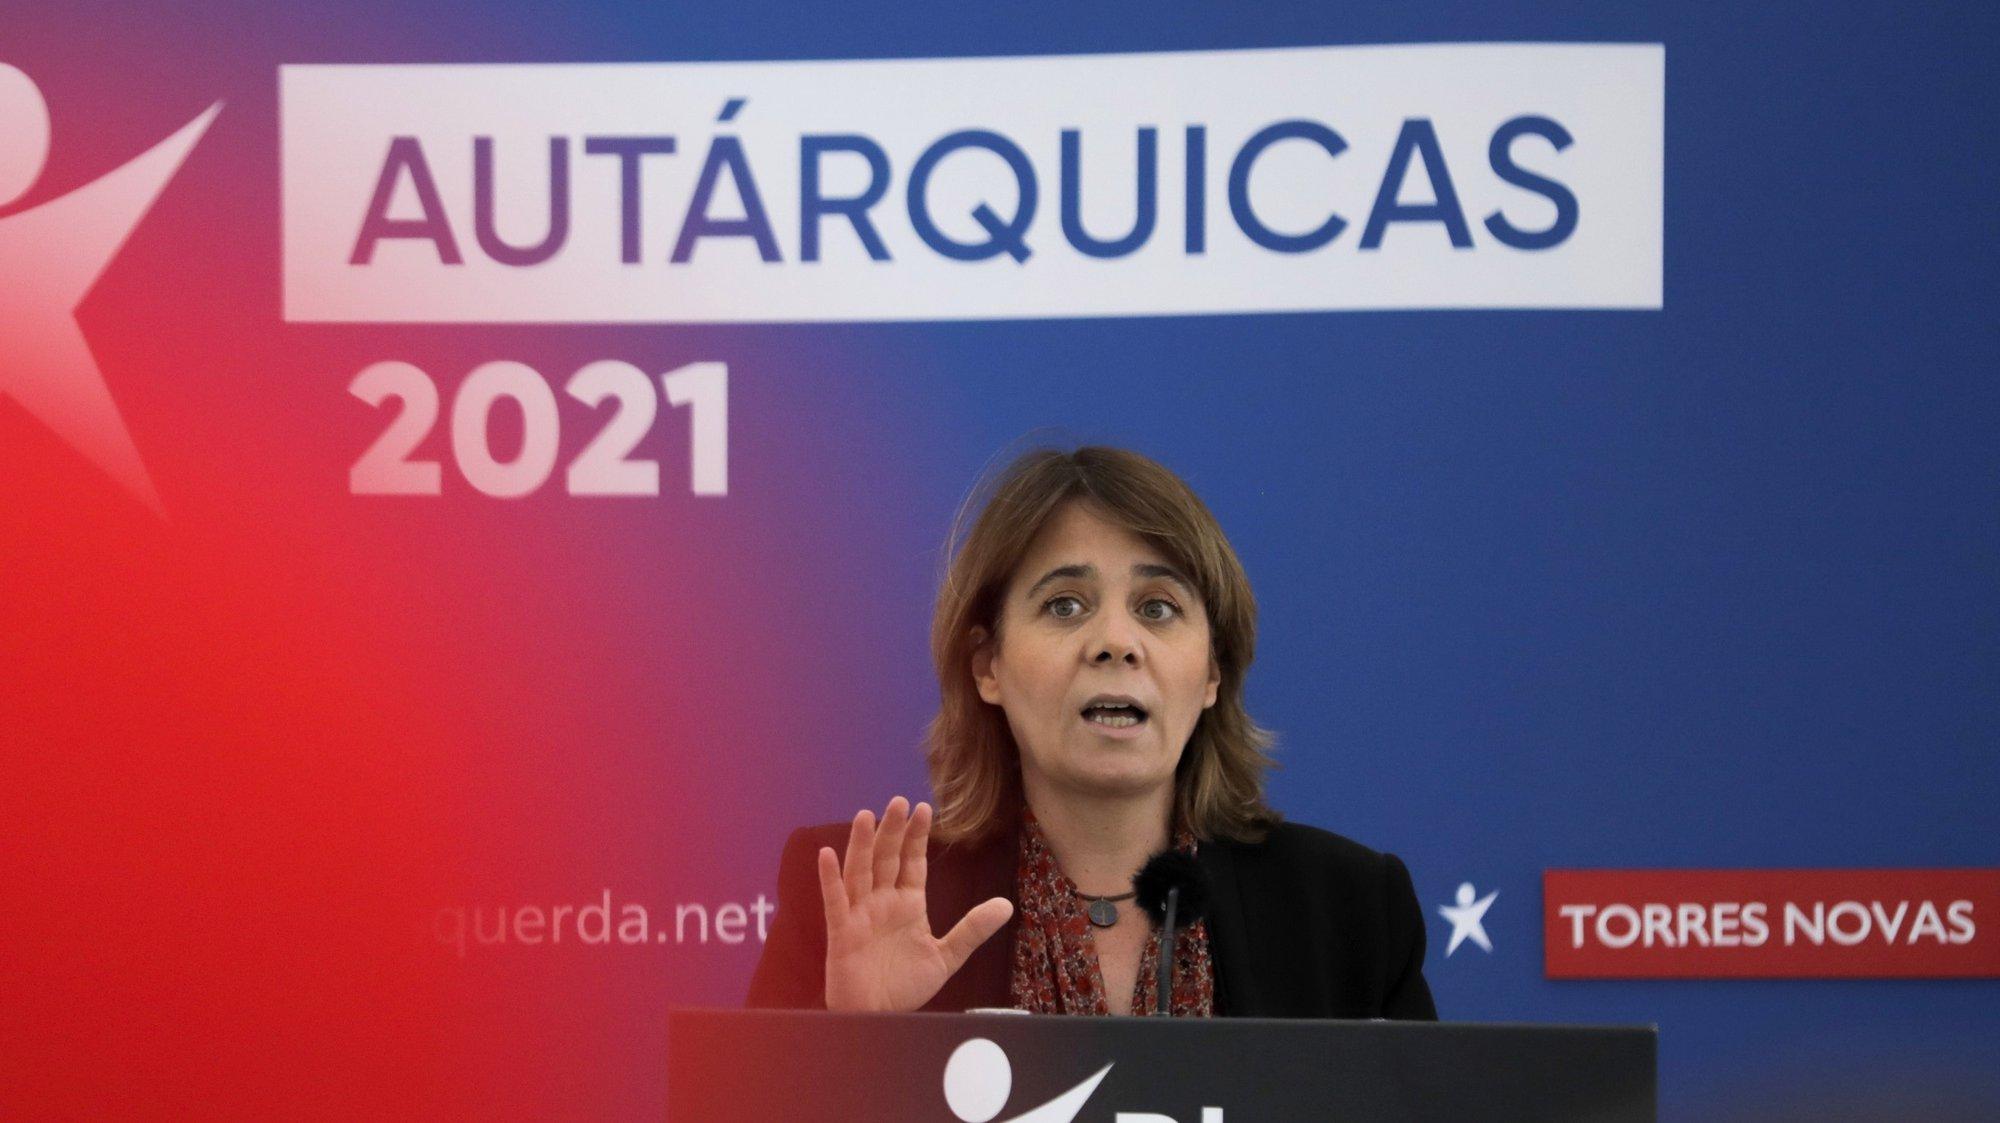 A coordenadora nacional do Bloco de Esquerda (BE), Catarina Martins, participa na apresentação da candidatura autárquica de Helena Pinto à Câmara Municipal de Torres Novas, 20 de junho de 2021. PAULO CUNHA /LUSA